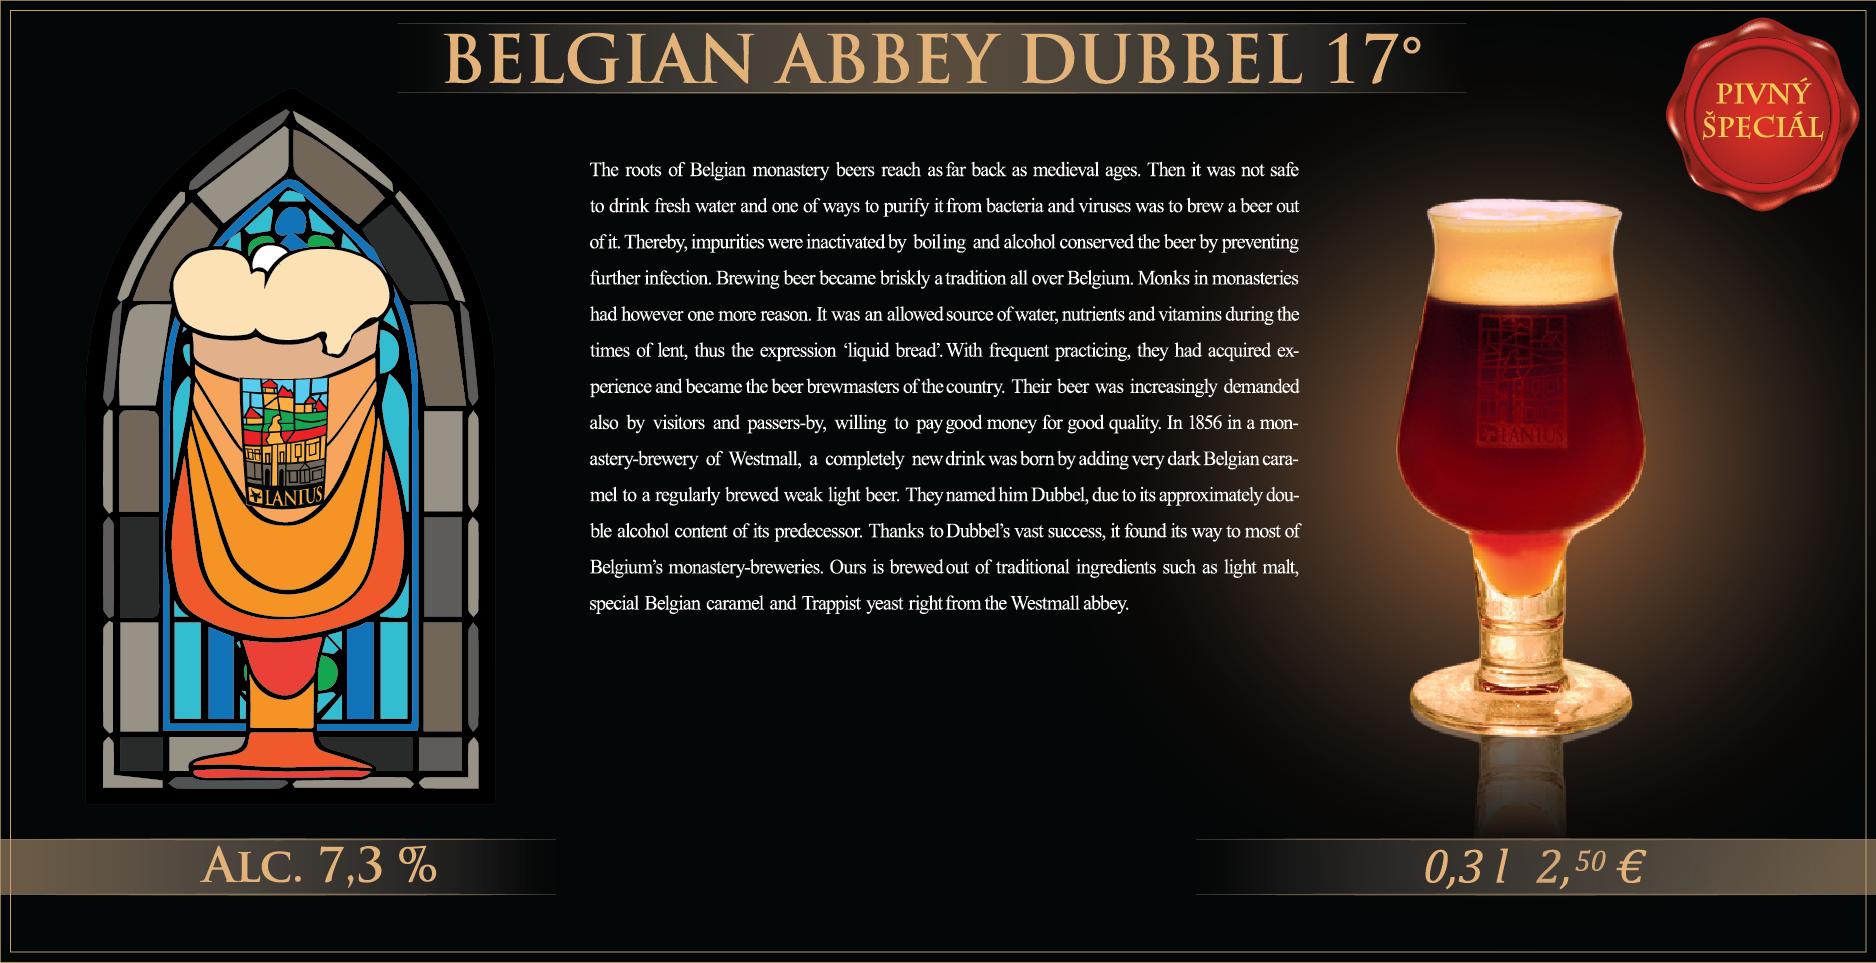 Abbey Dubbell-01